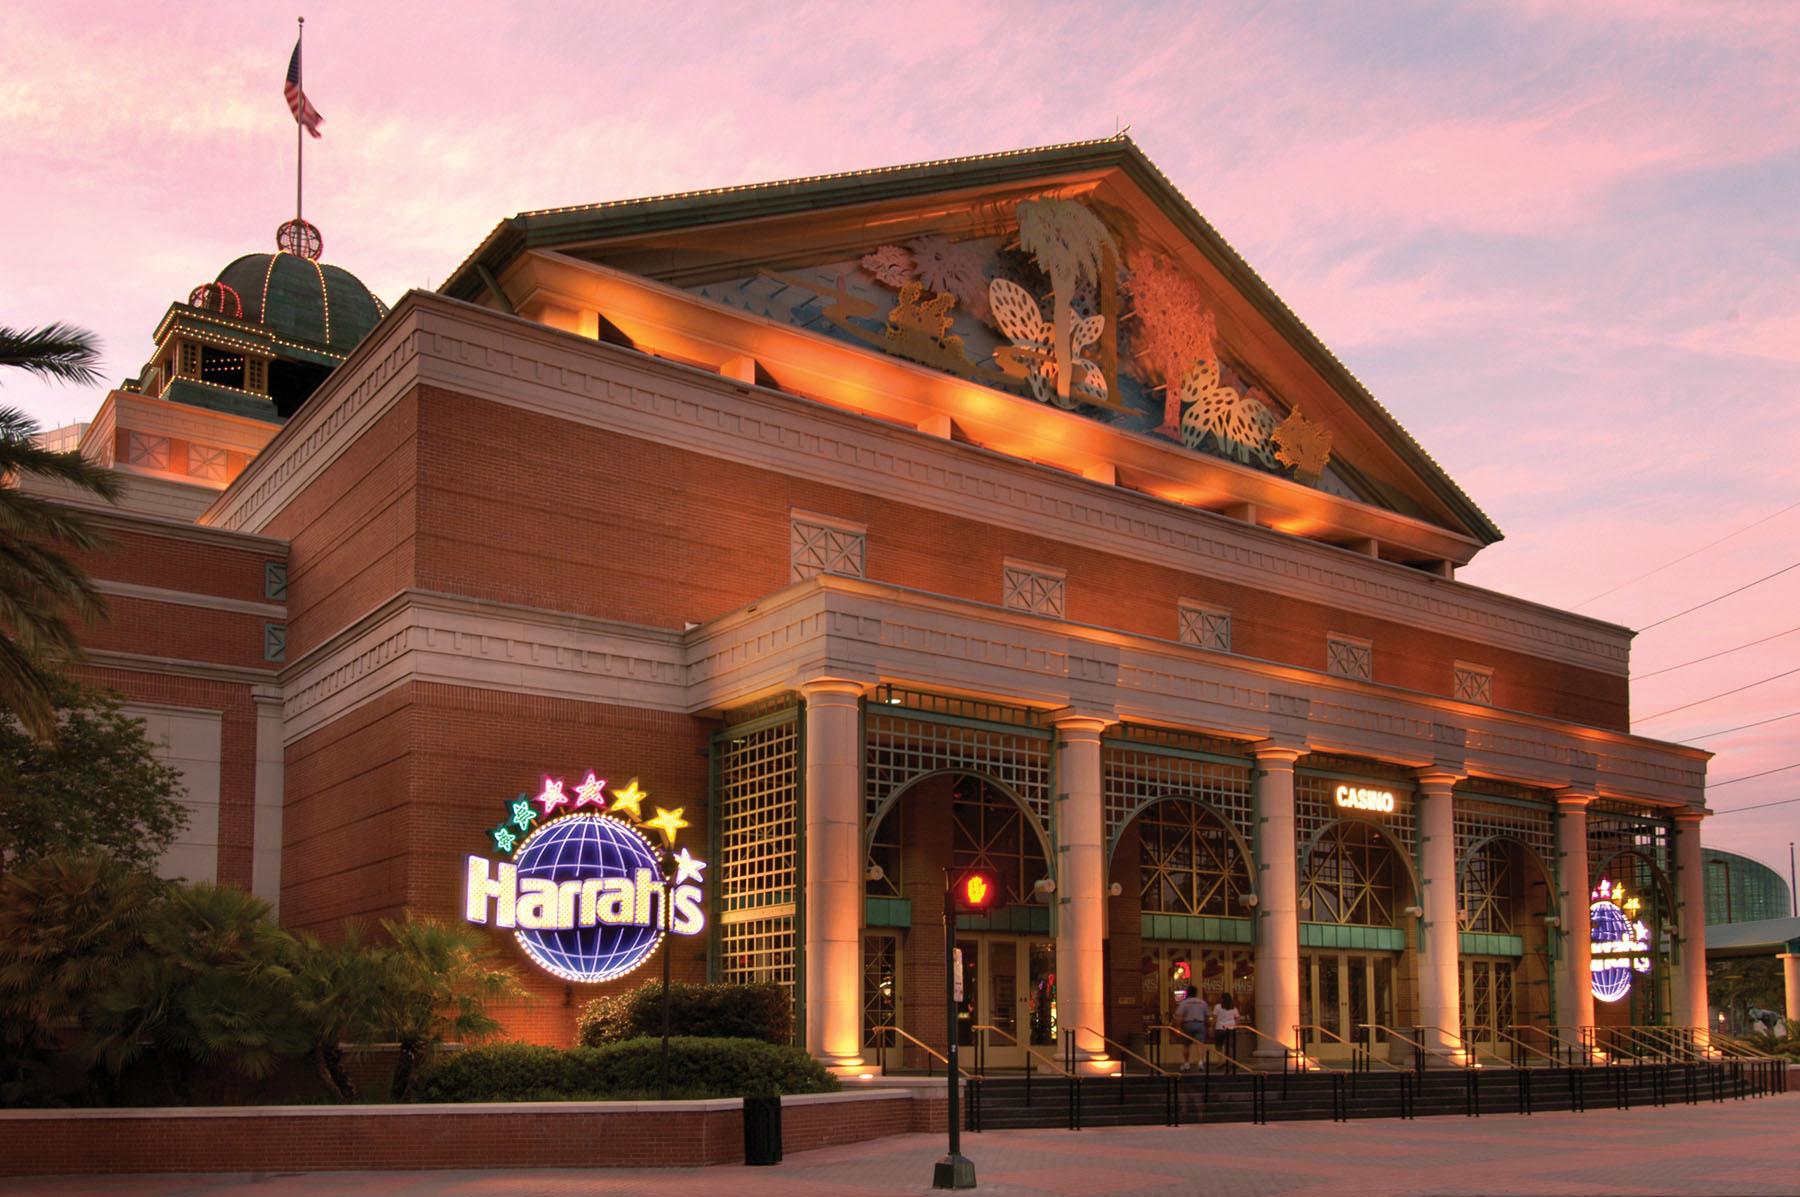 Louisiana casino hotel 15